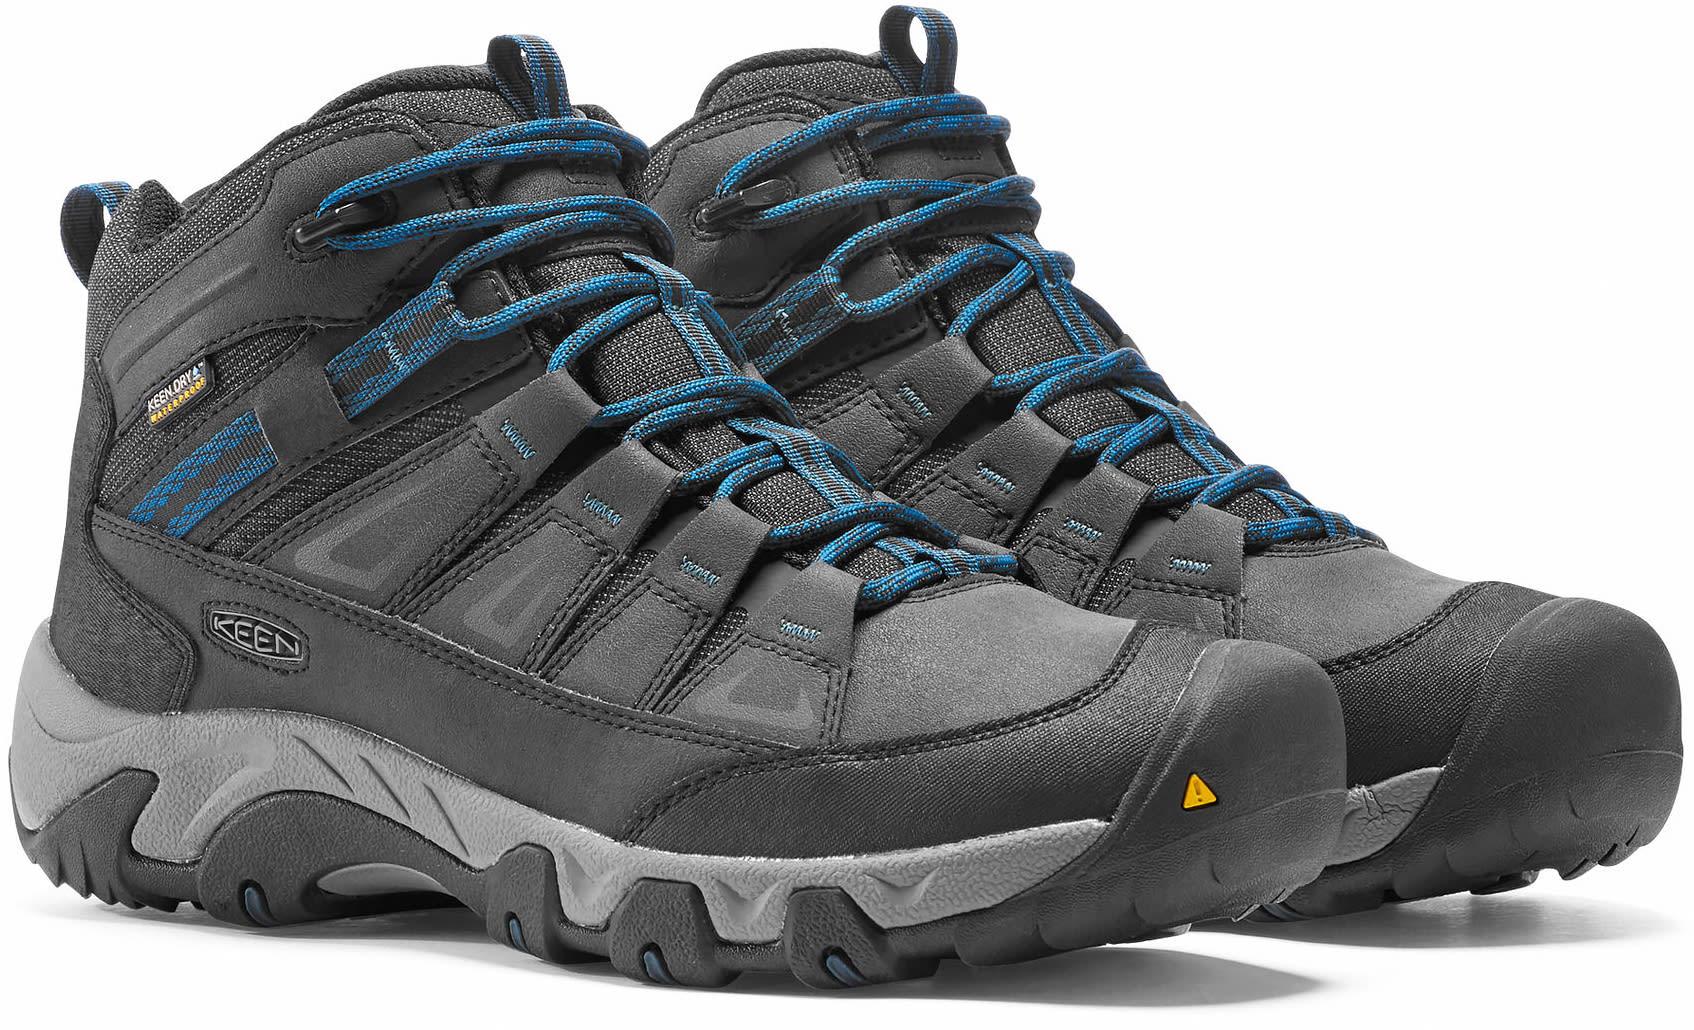 8d06cab8adb Keen Oakridge Mid Polar WP Hiking Boots